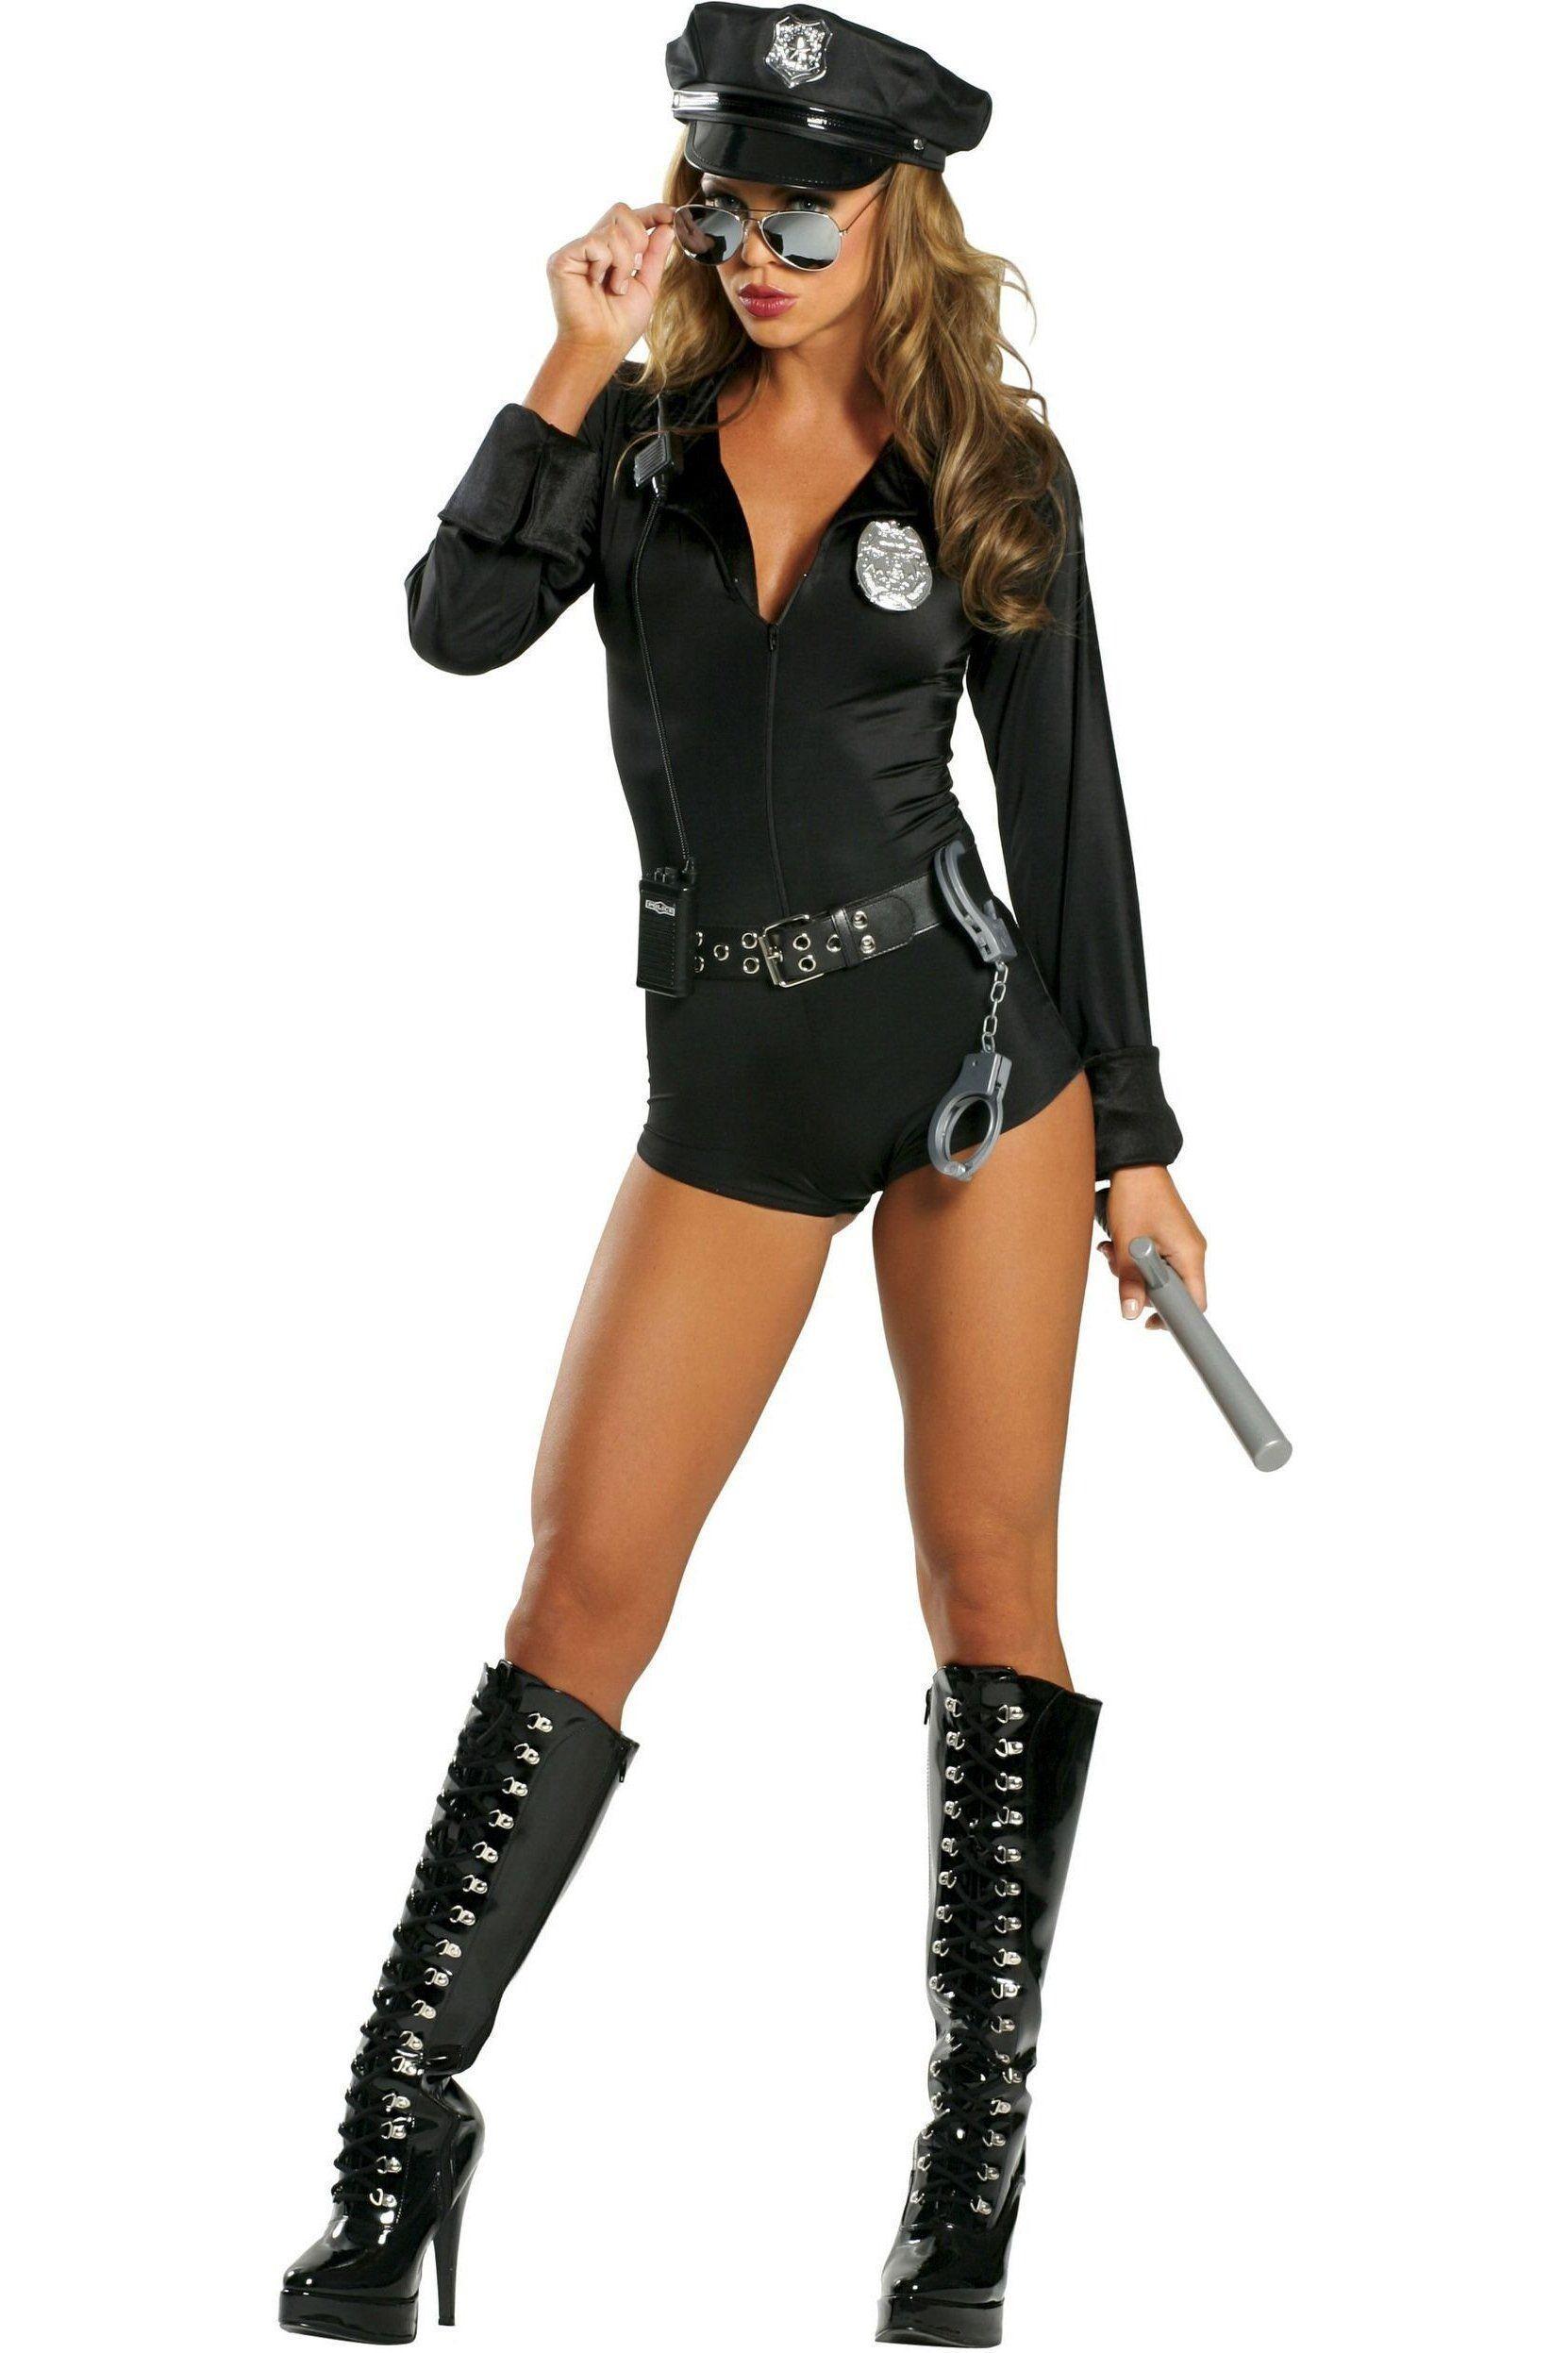 Roma Lady Cop Costume In 2021 Cop Costume Female Cop Costume Female Cop